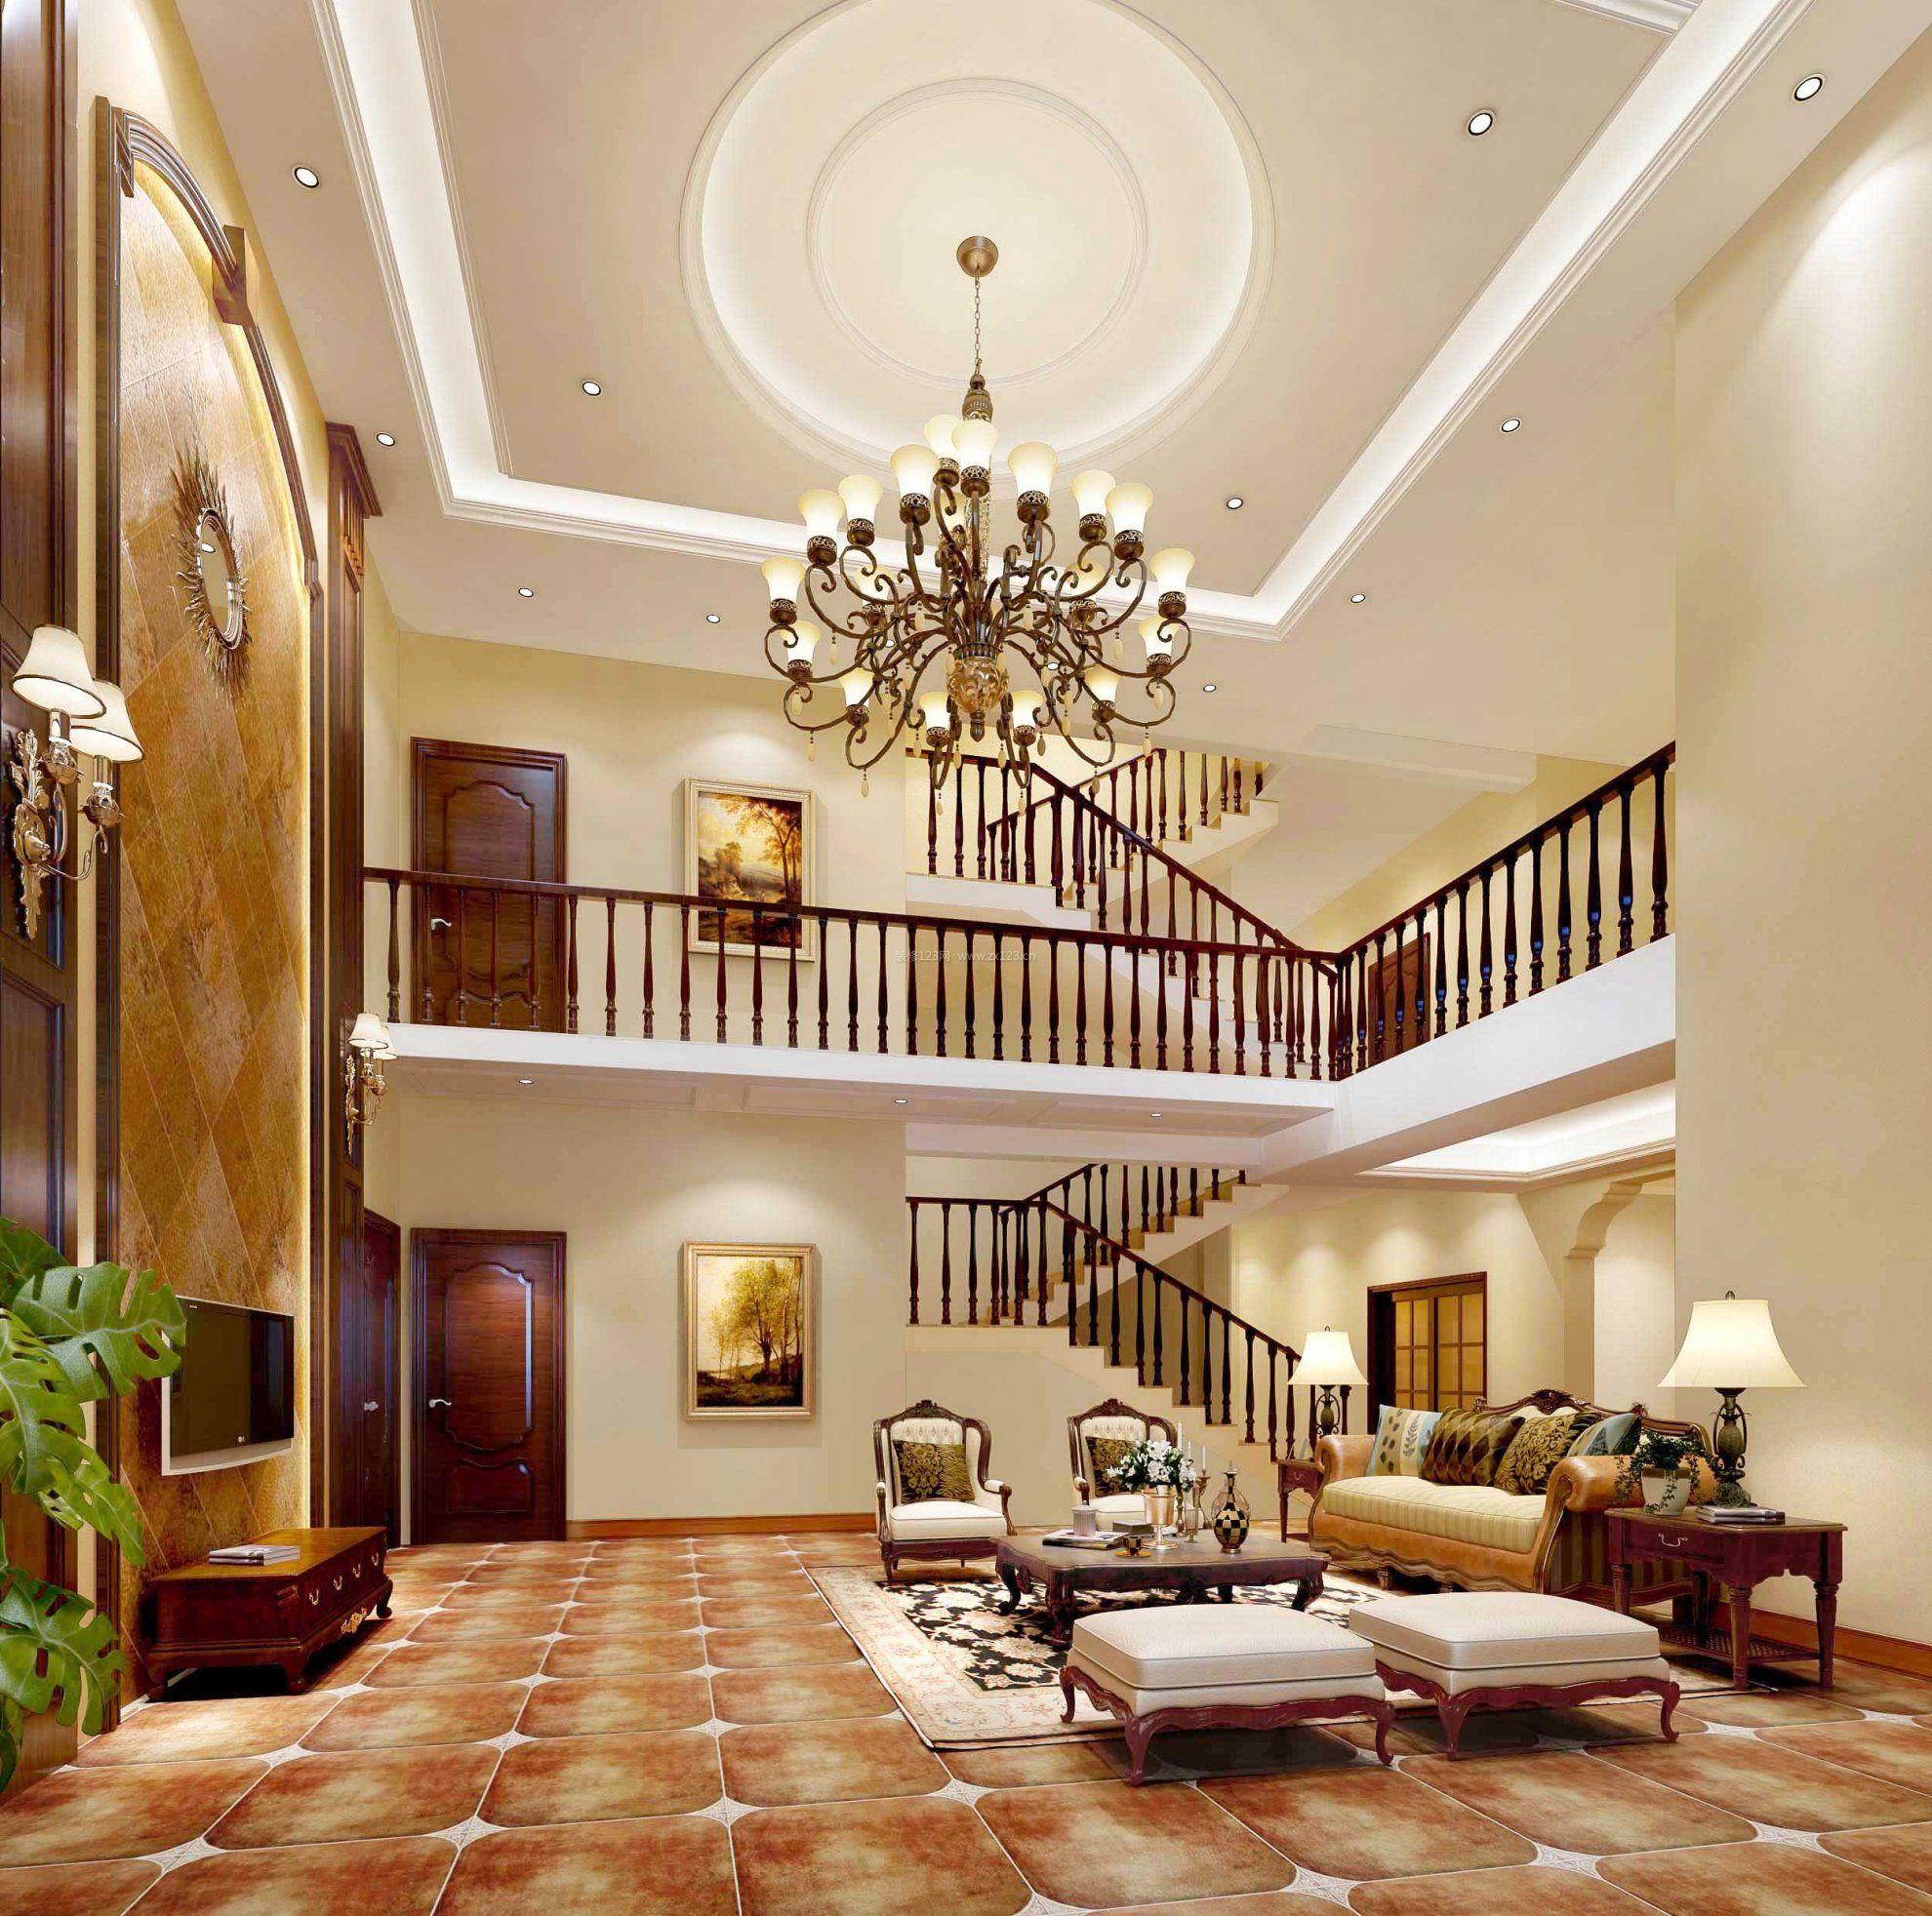 美式扶手楼梯设计室内效果图_要求123效果图建筑设计装修出国图片